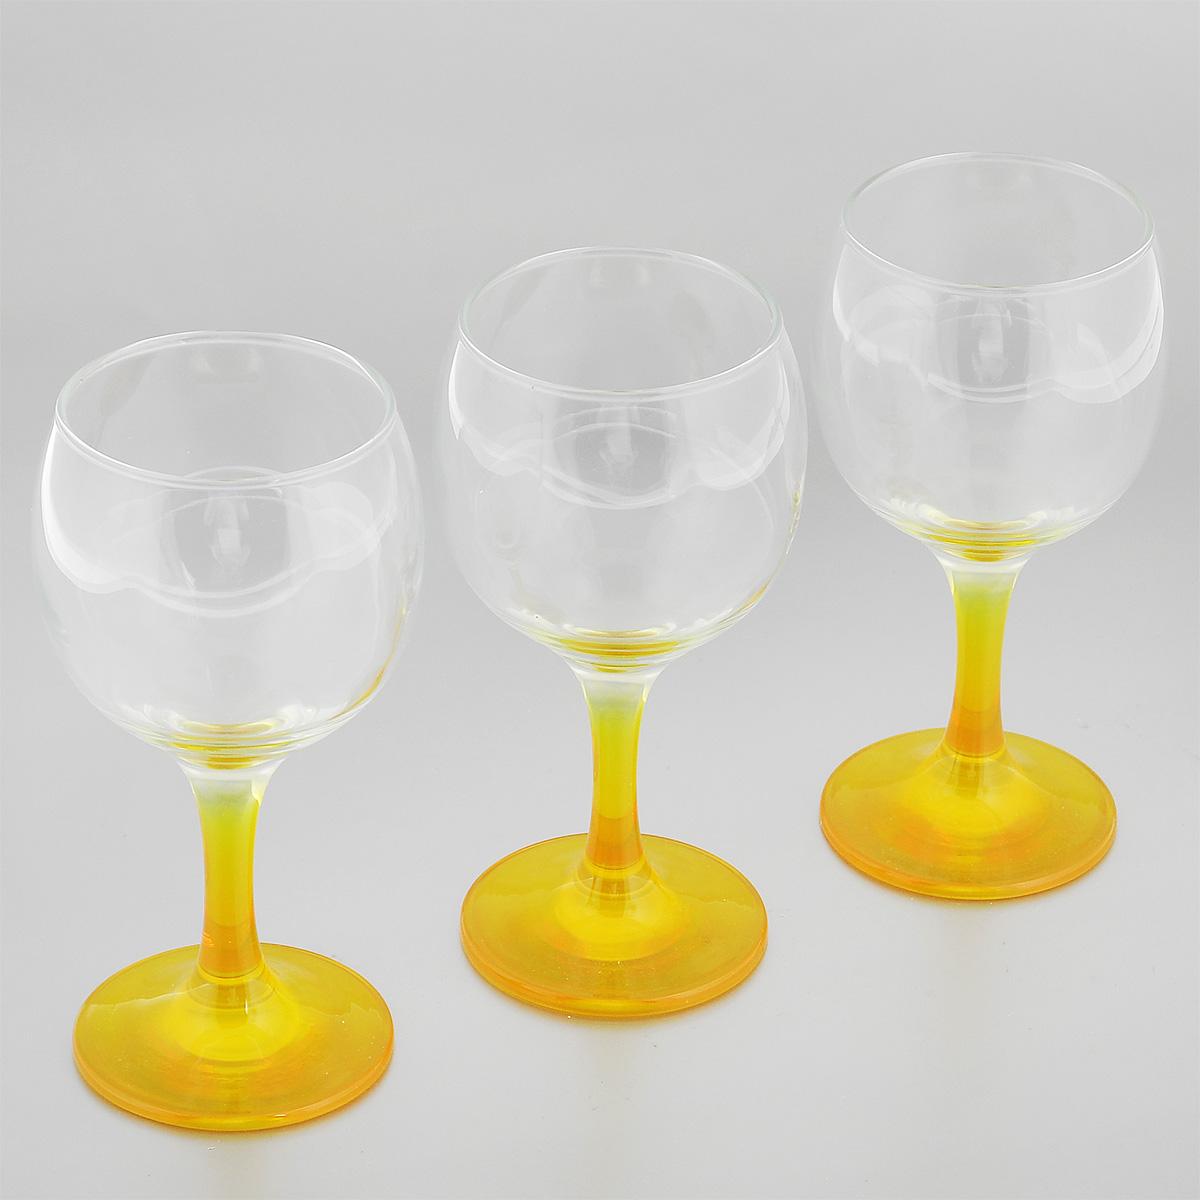 Набор фужеров Glass4you, цвет: желтый, 220 мл, 3 шт44412YНабор Glass4you состоит из трех фужеров, выполненных из прочного натрий-кальций-силикатного стекла. Изделия имеют тонкие высокие цветные ножки. Фужеры излучают приятный блеск и издают мелодичный звон. Предназначены для подачи вина. Набор фужеров Glass4you прекрасно оформит праздничный стол и станет хорошим подарком к любому случаю. Можно мыть в посудомоечной машине.Диаметр фужера (по верхнему краю): 6,6 см. Высота фужера: 14,5 см. Диаметр основания: 6,4 см.